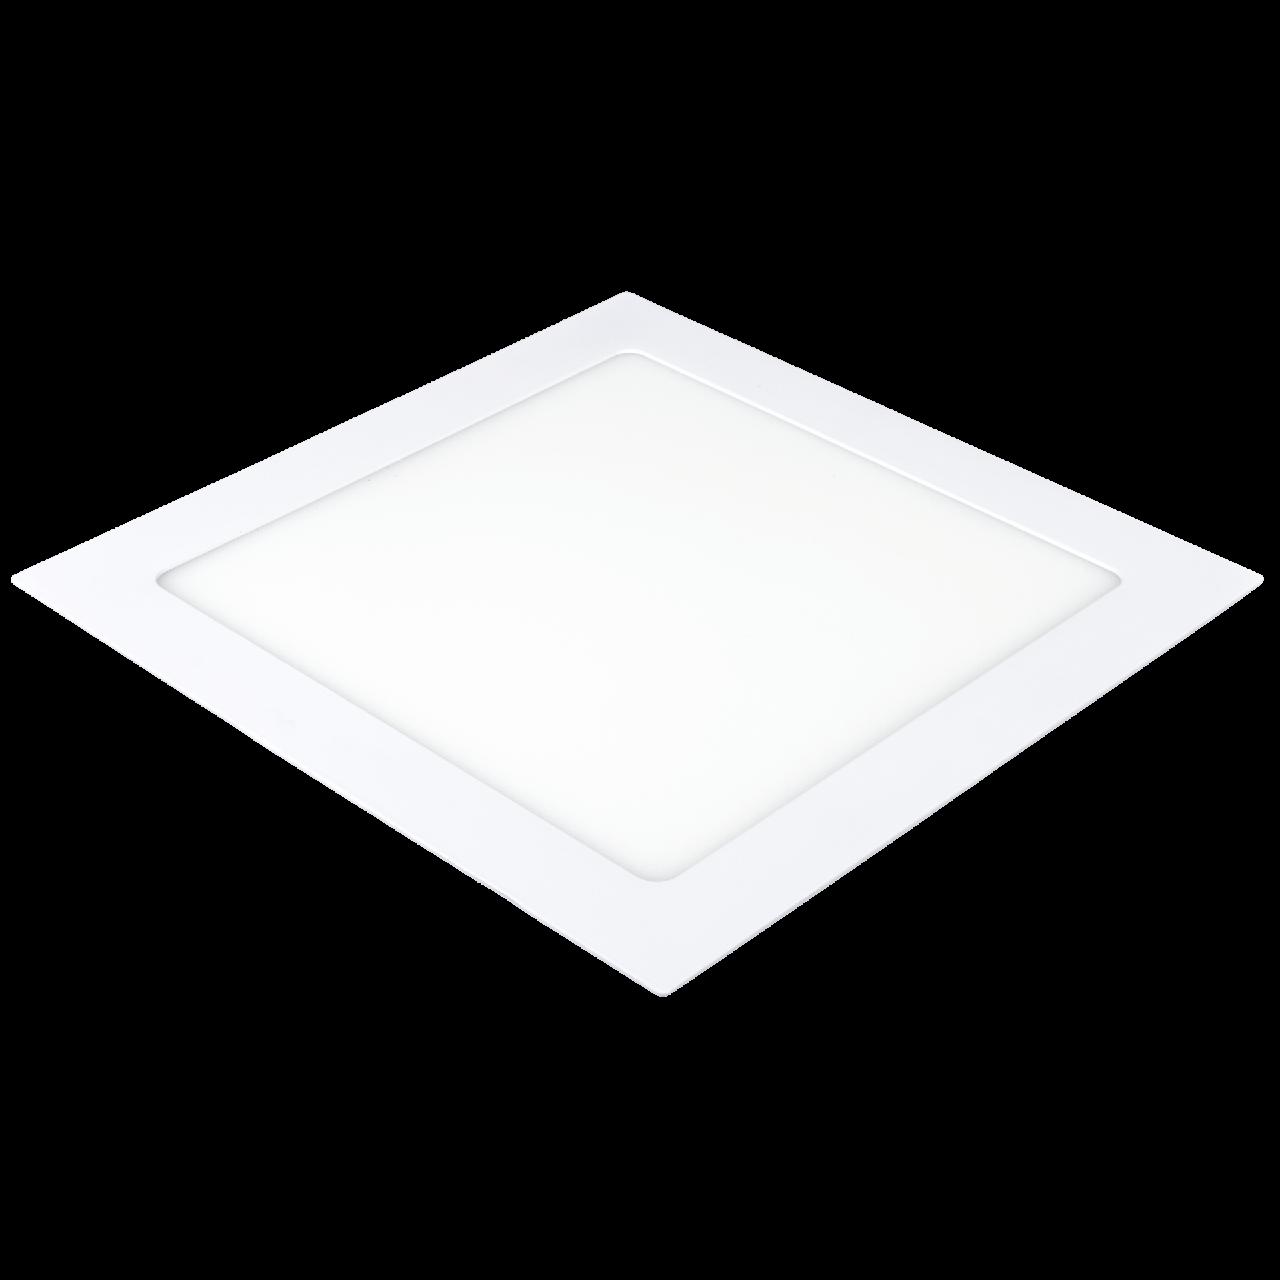 Светодиодный встраиваемый светильник Ilumia 18Вт, 220мм, 4000К (нейтральный белый), 1400Лм (033)